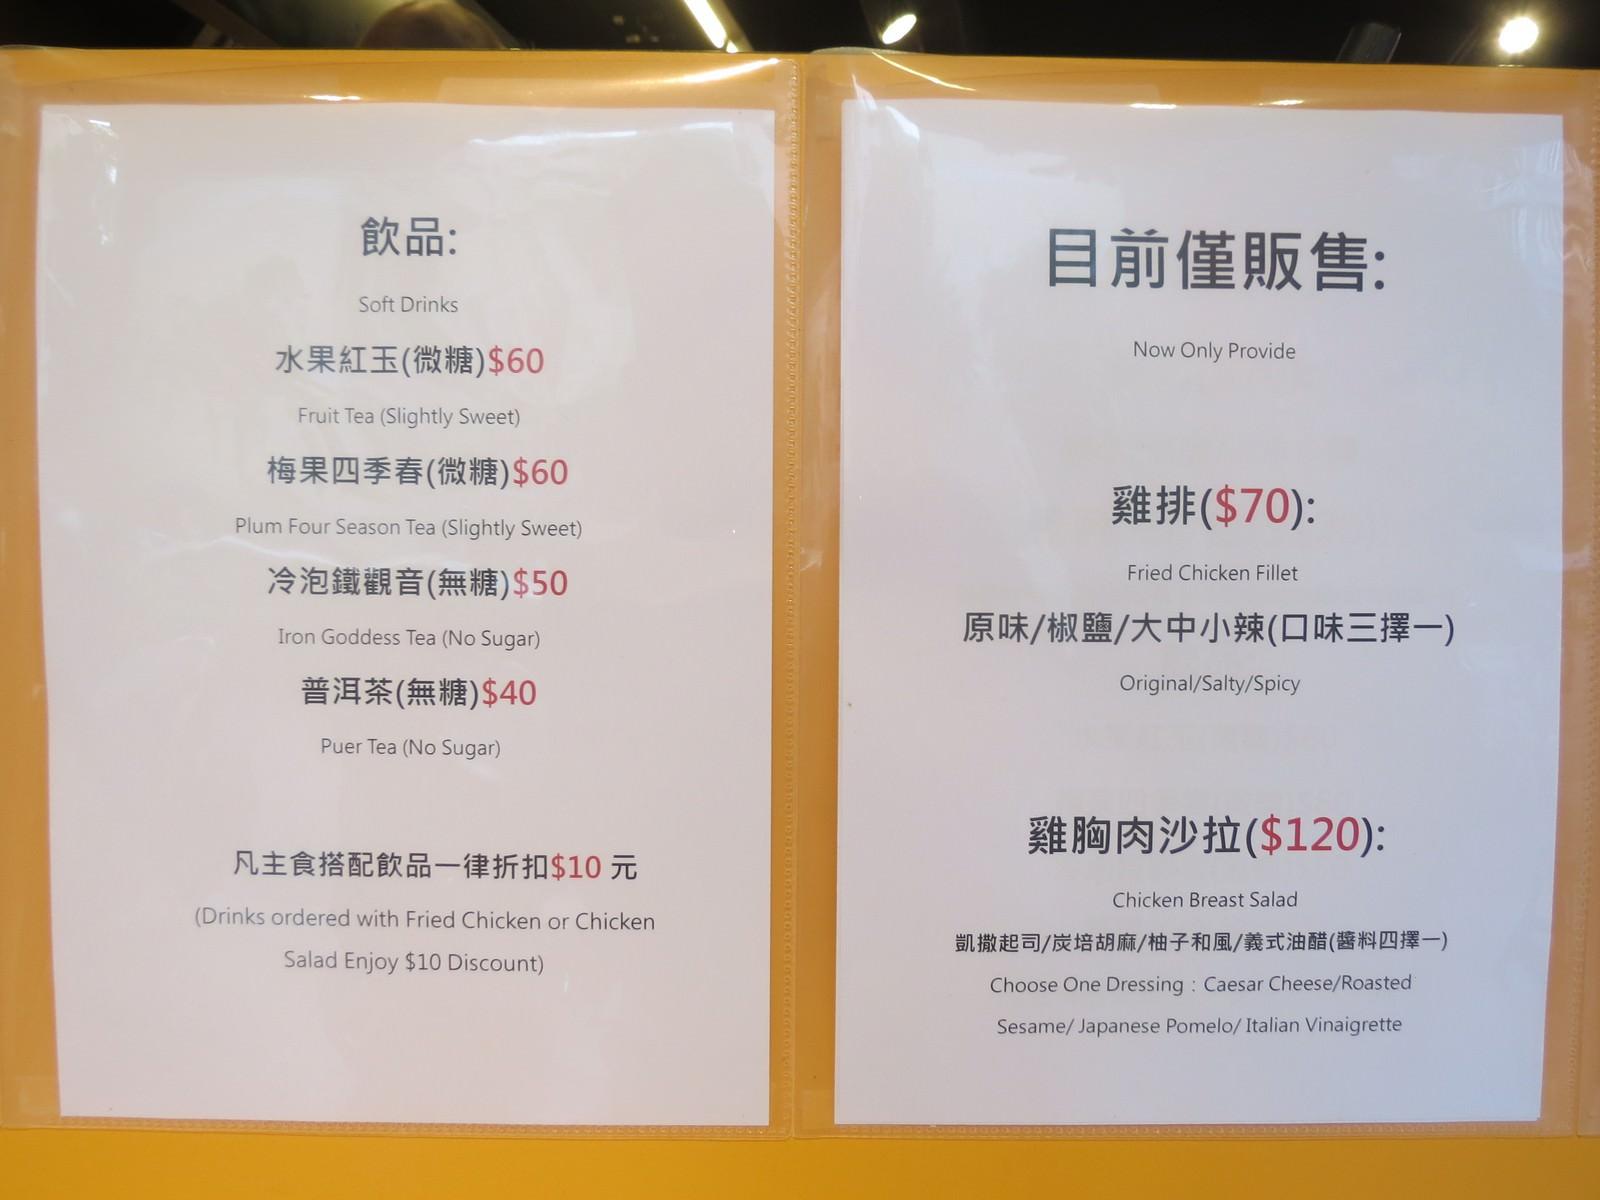 匈奴人雞胸肉專賣, 價目表/MENU